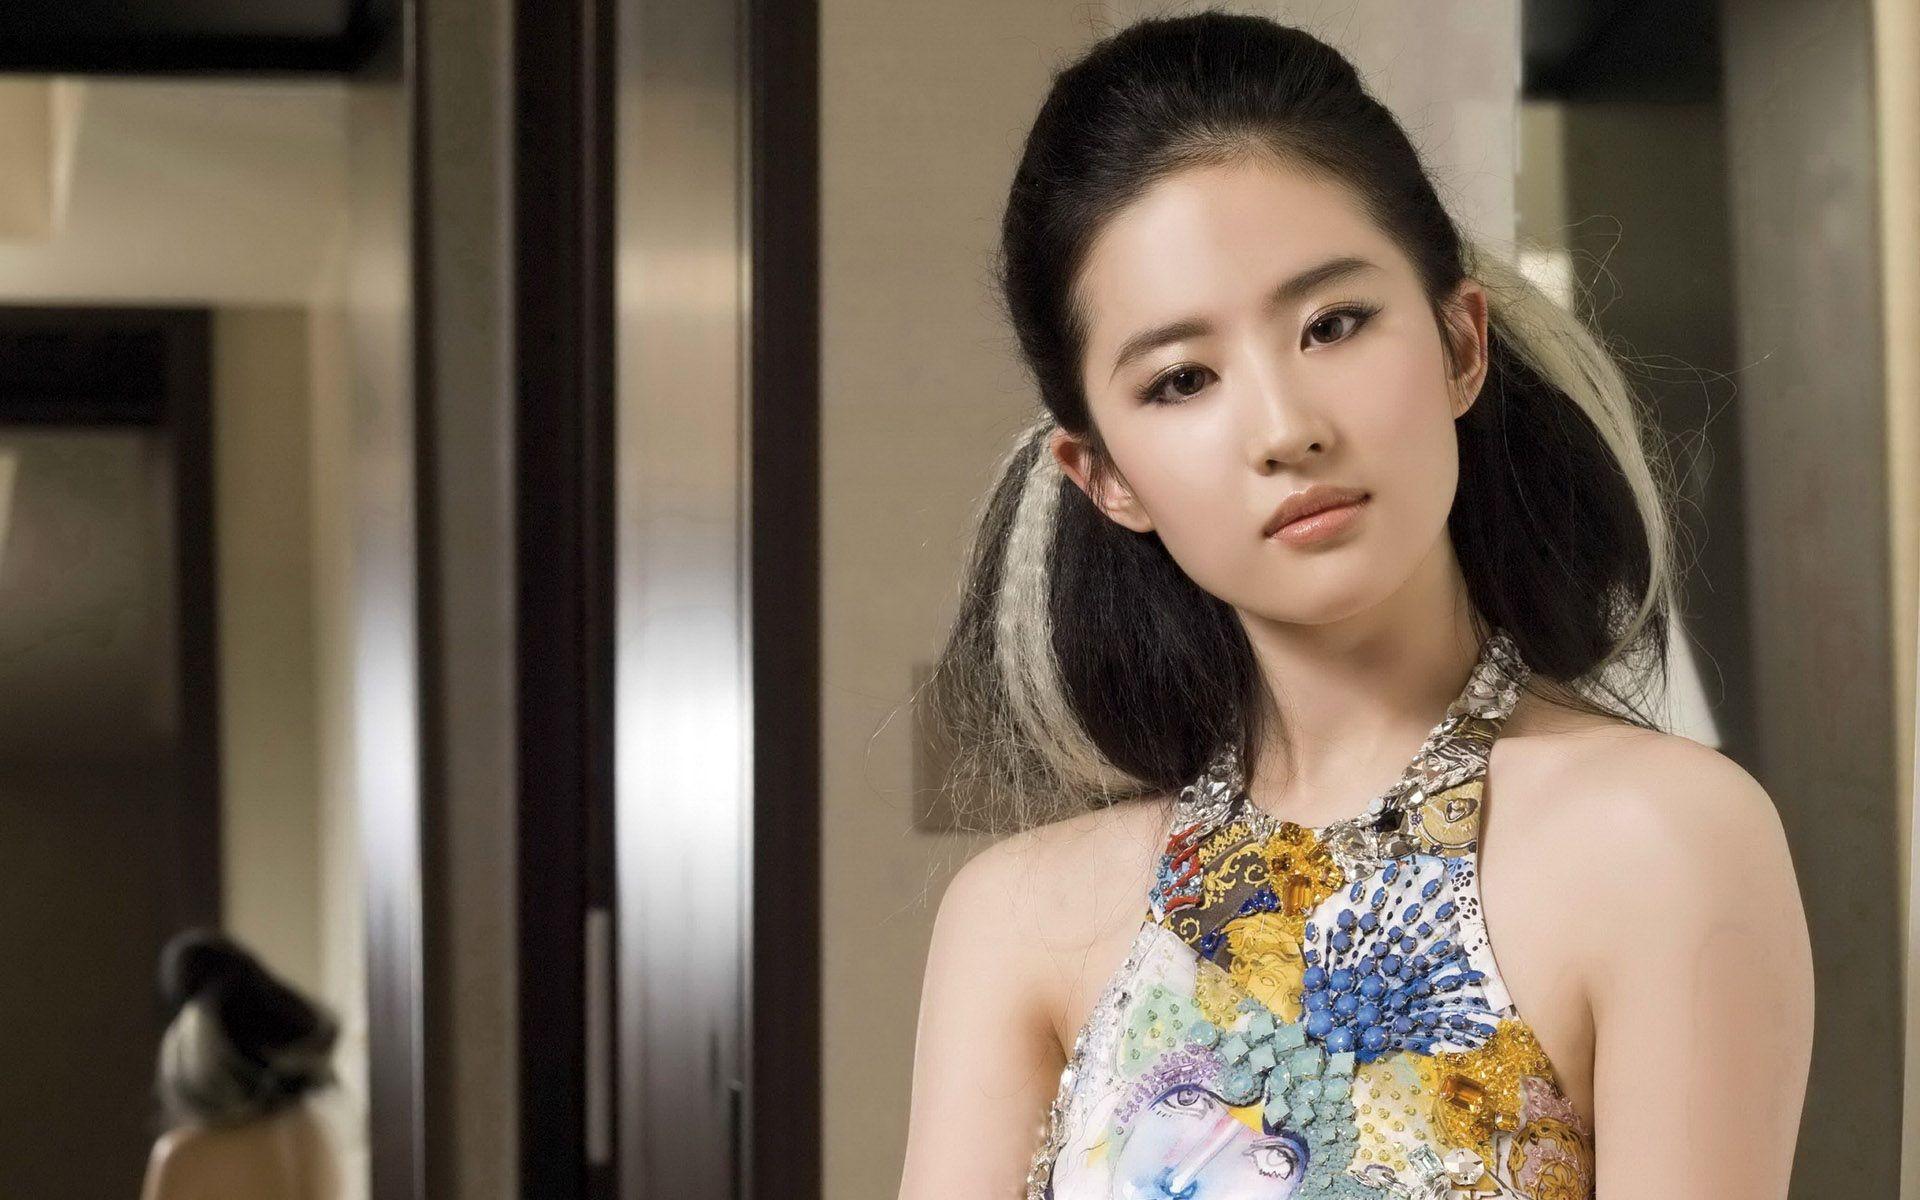 baoding single asian girls Cl china choose the site nearest you: beijing chengdu chongqing dalian guangzhou hangzhou.